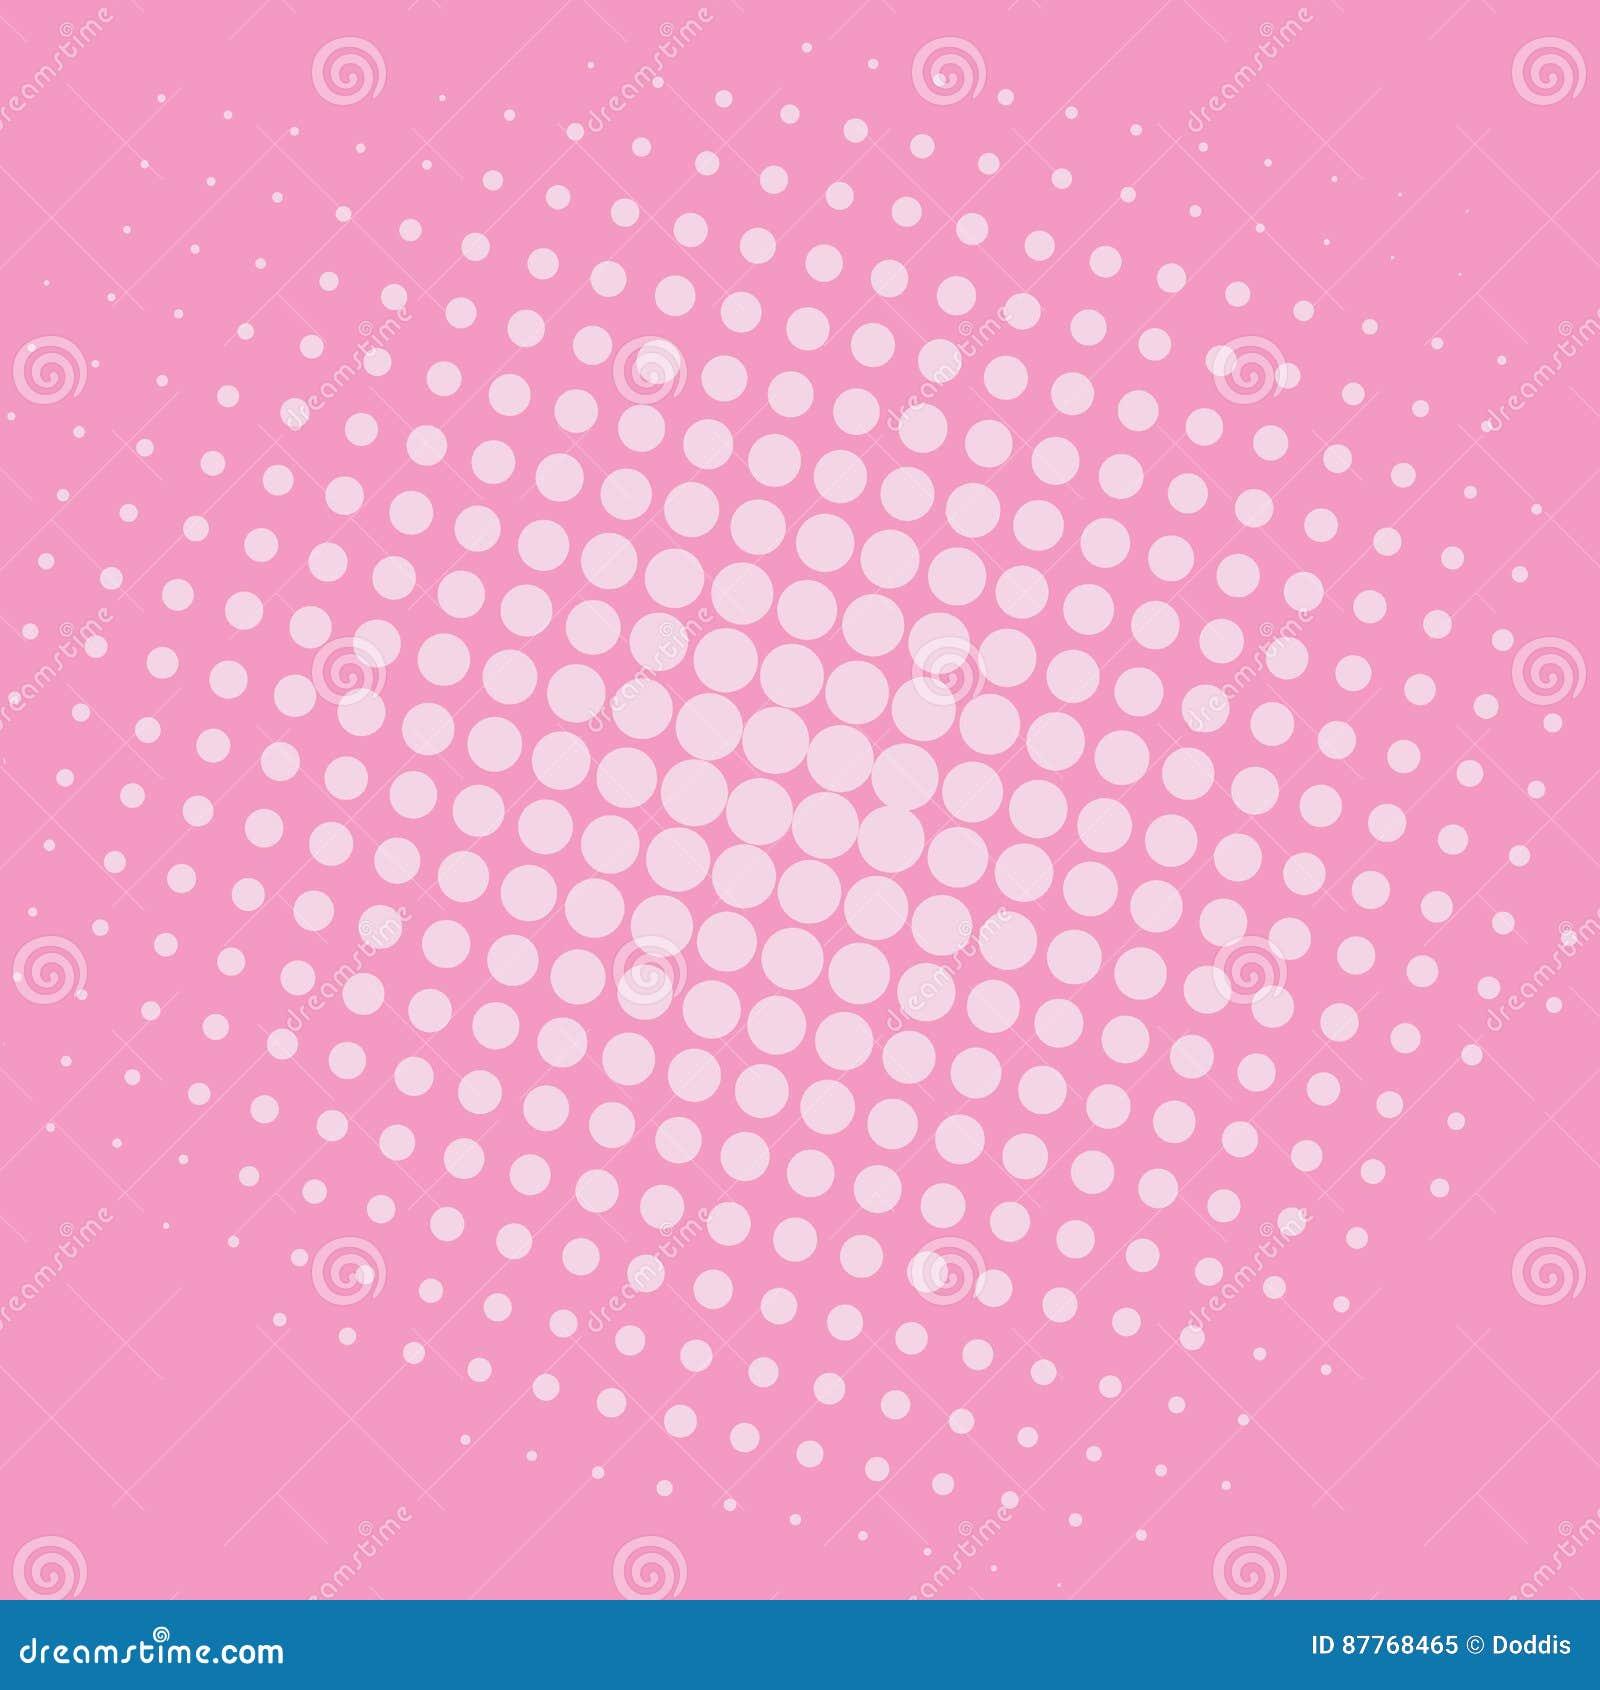 pop art baker-miller pink dots comic background vector template